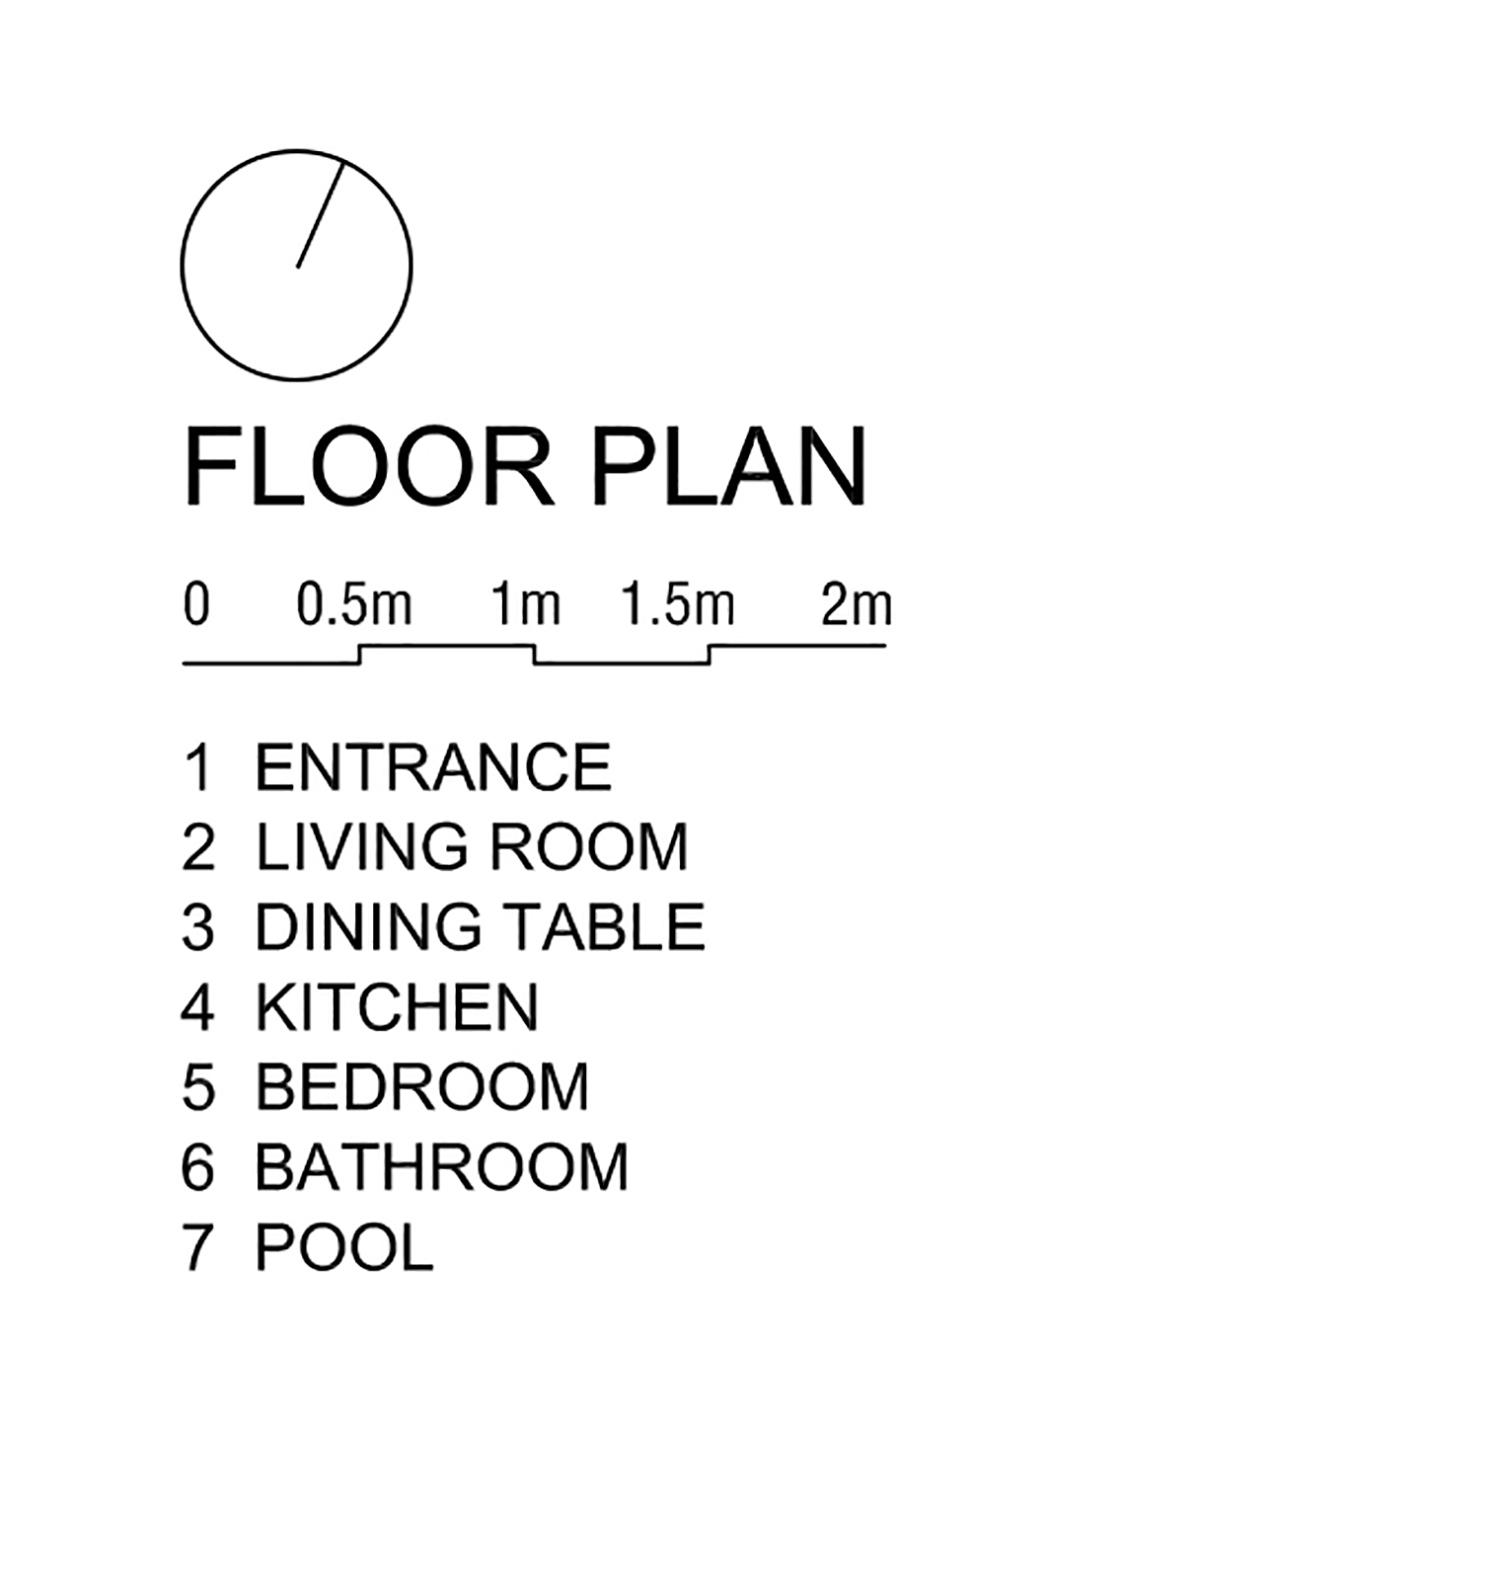 Floor plan for 2-bedroom villa _draw Nguyen Tan Phat}